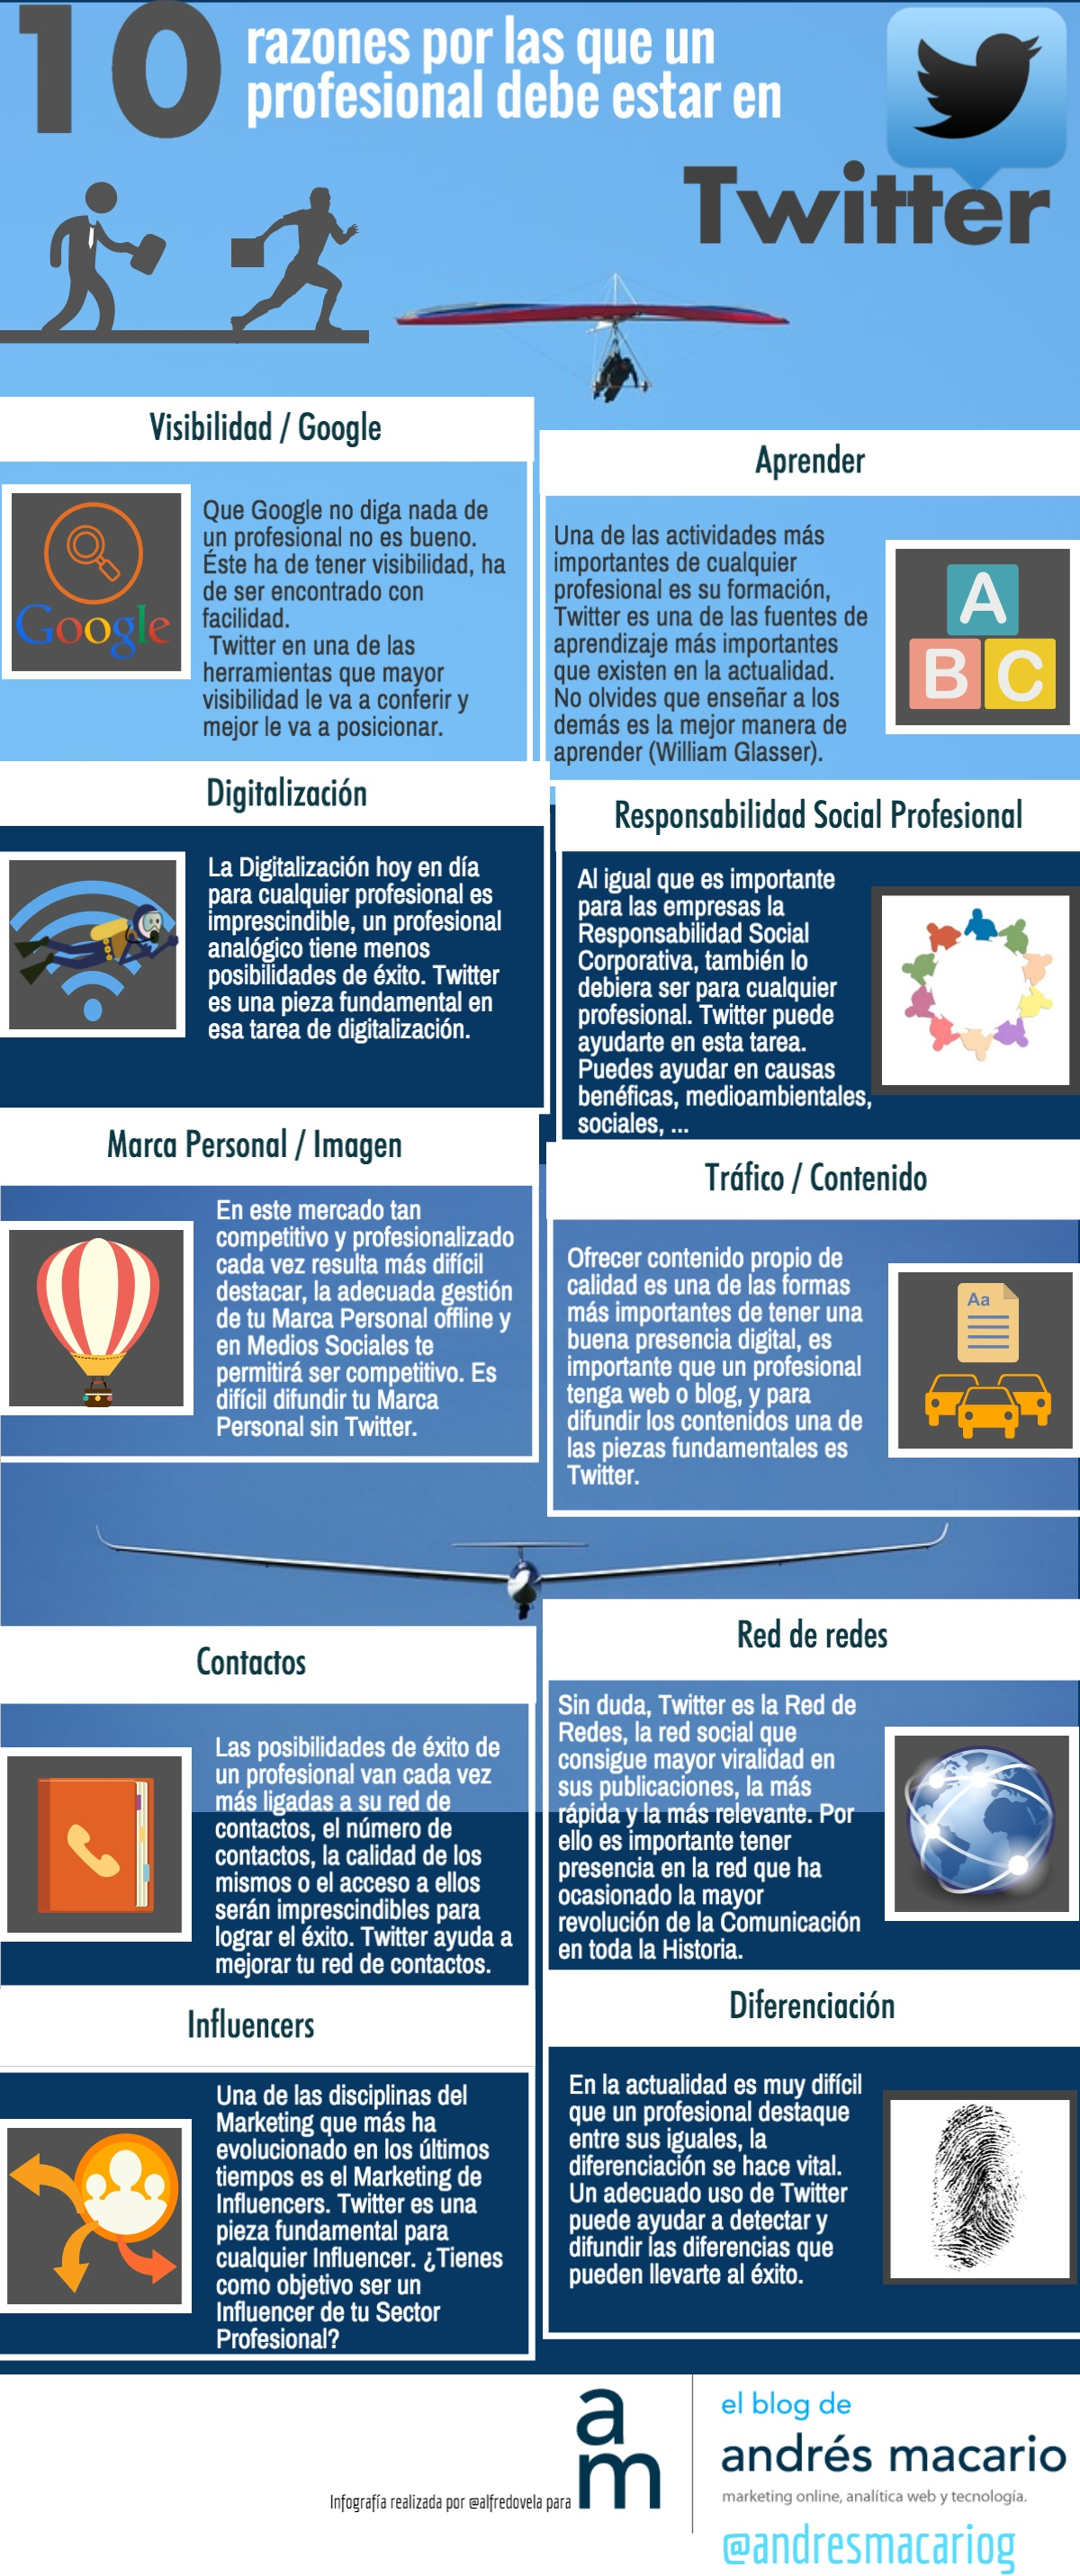 10 razones por las un profesional debe estar en twitter-infografia-Alfredo-Vela-Andres-Macario